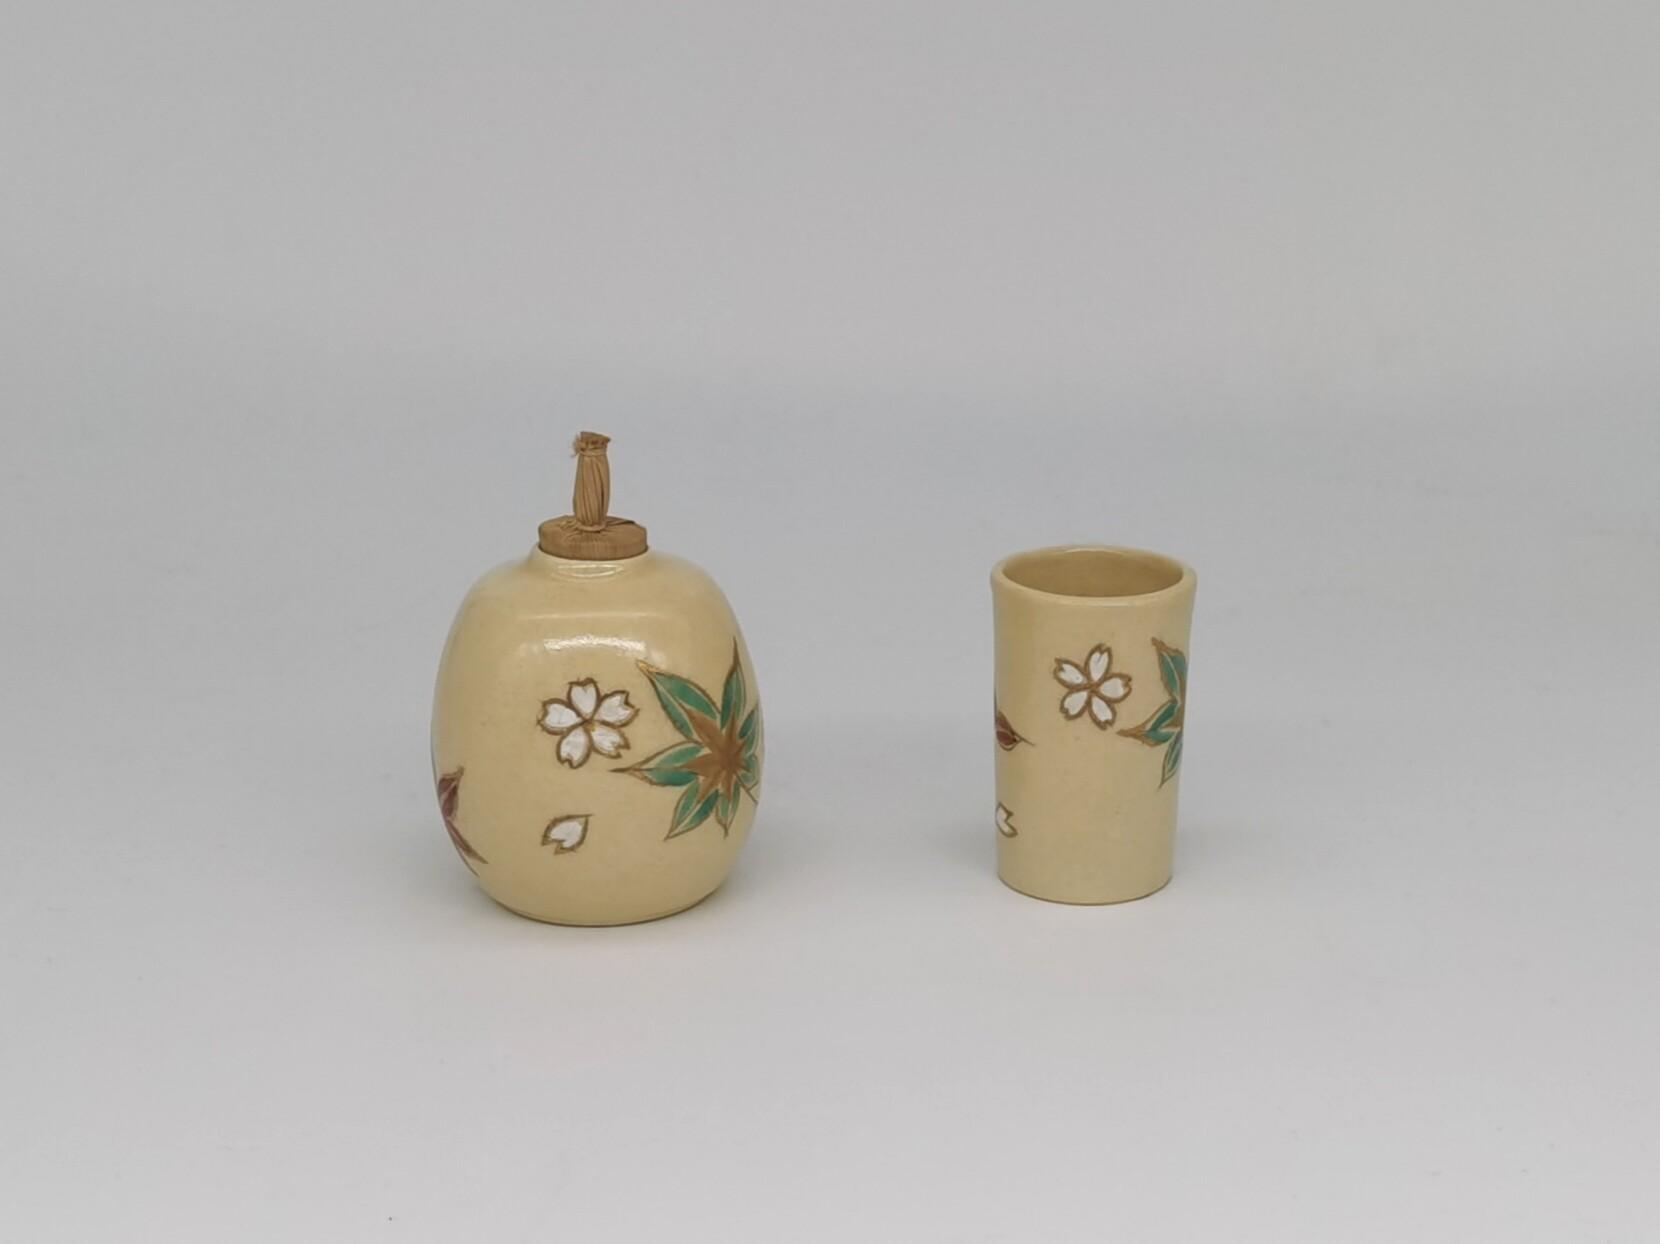 日本回流 京烧 清水烧 茶道具 振出 巾筒 茶箱用